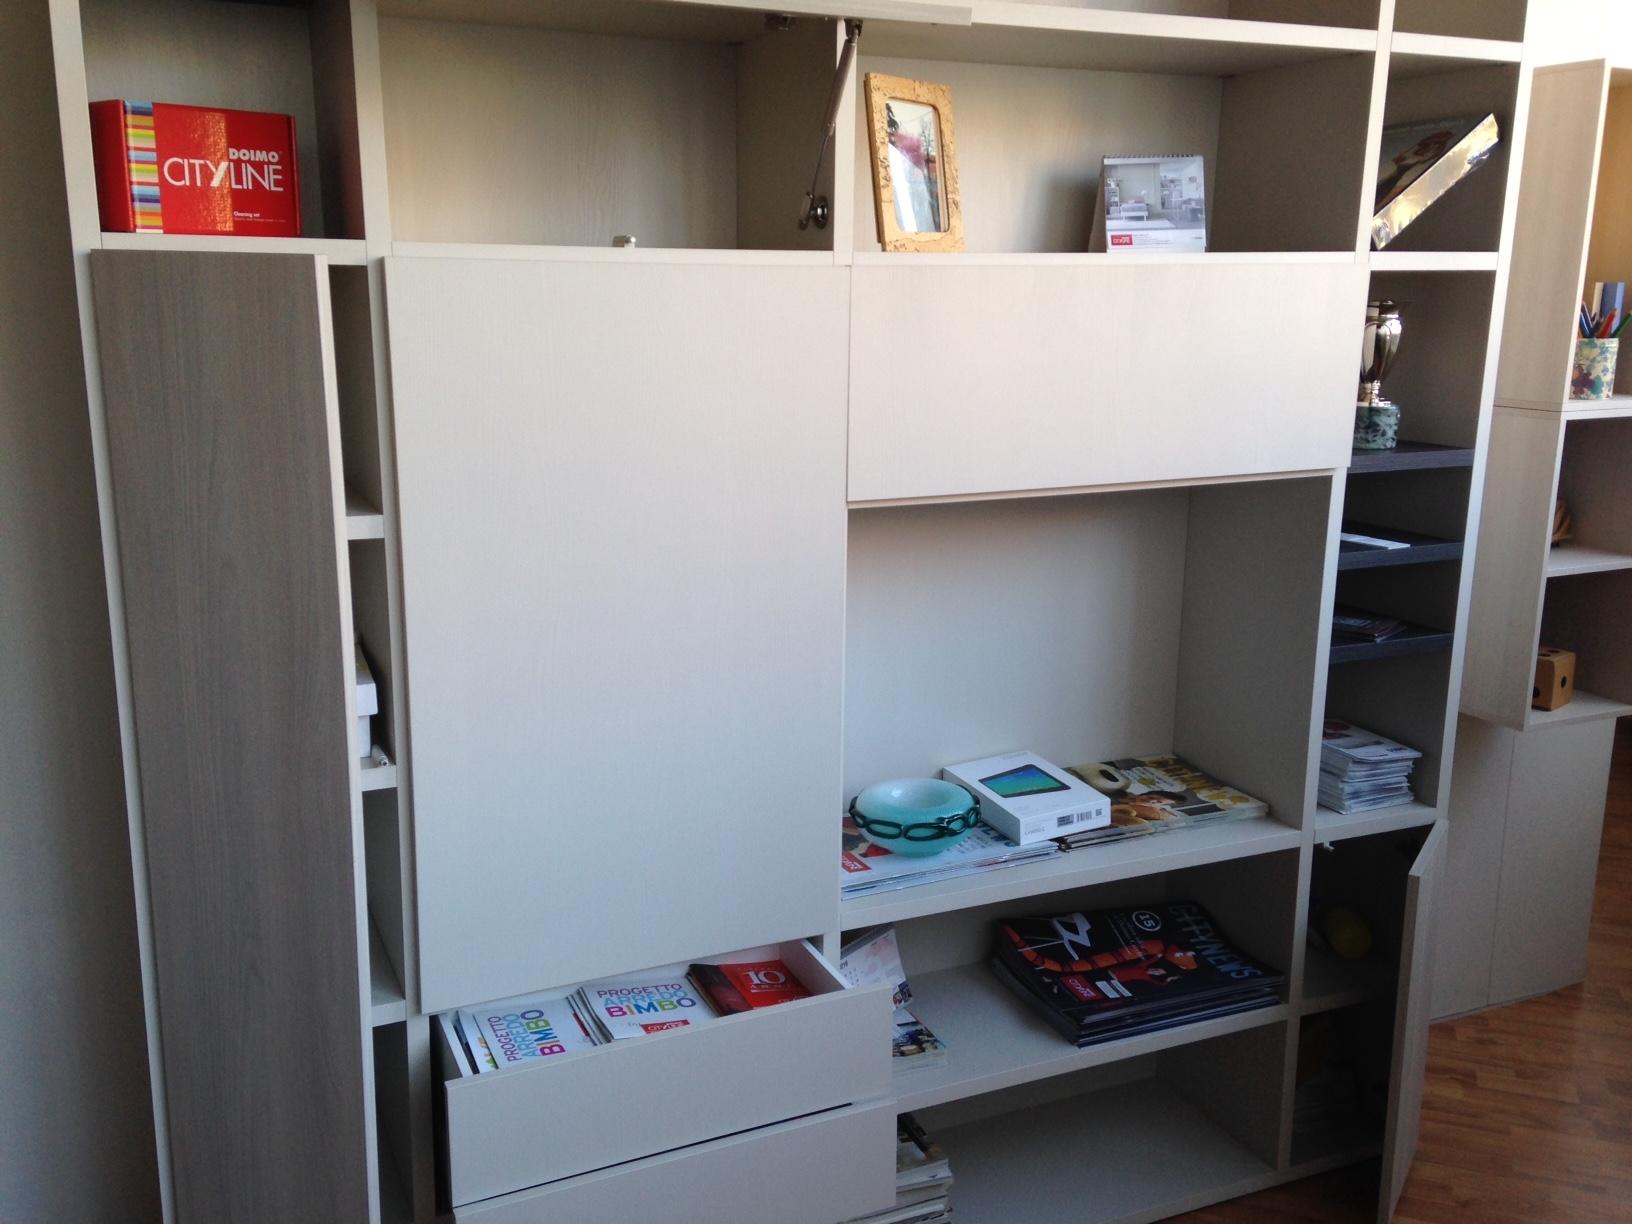 Doimo CityLine Soggiorno Libreria scontato del -40 % - Soggiorni a ...